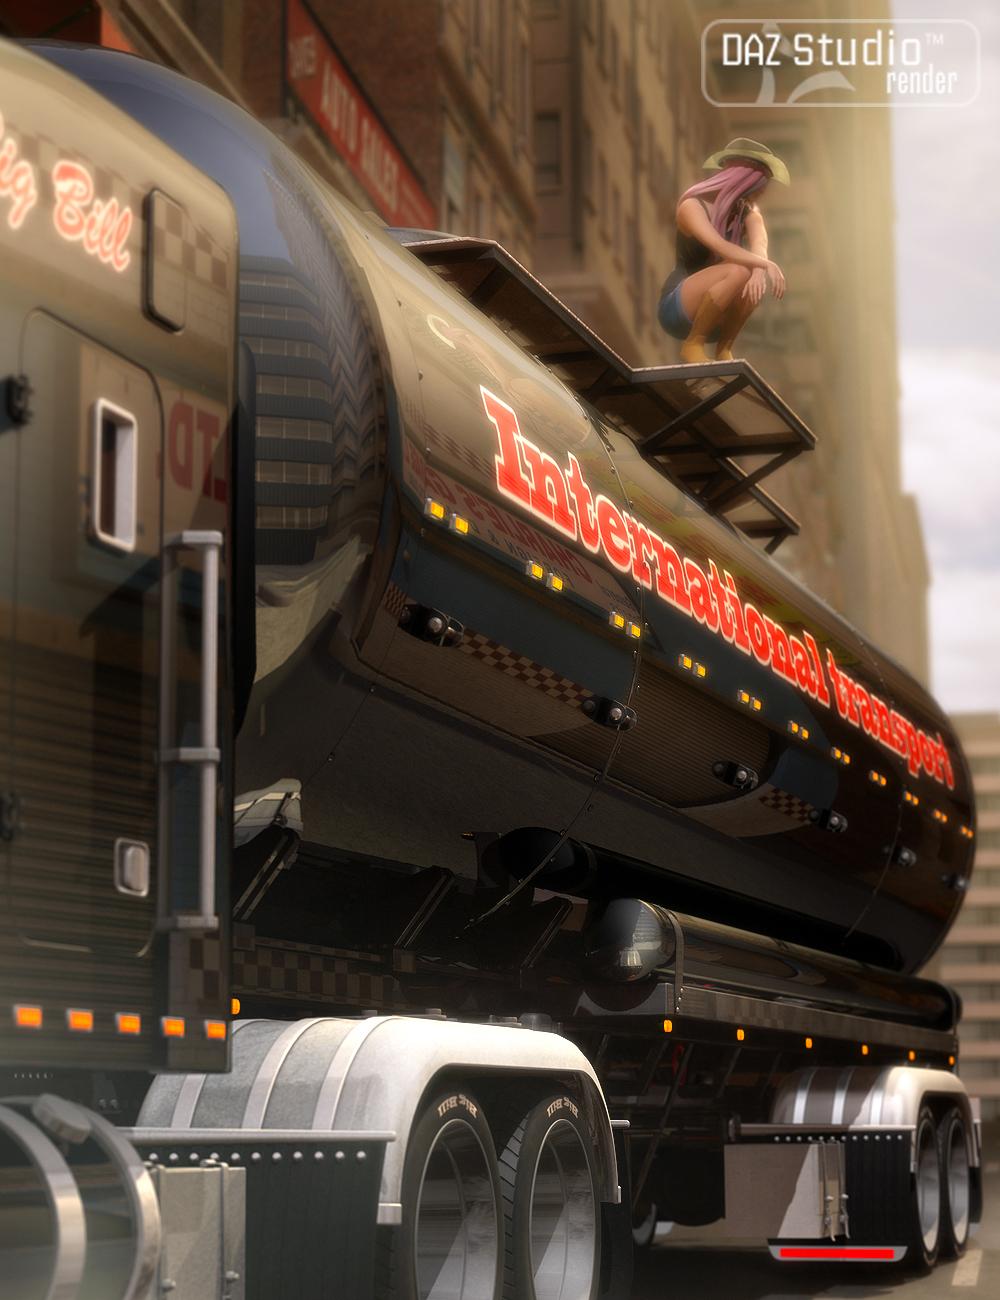 Big Bill Trailer by: petipet, 3D Models by Daz 3D